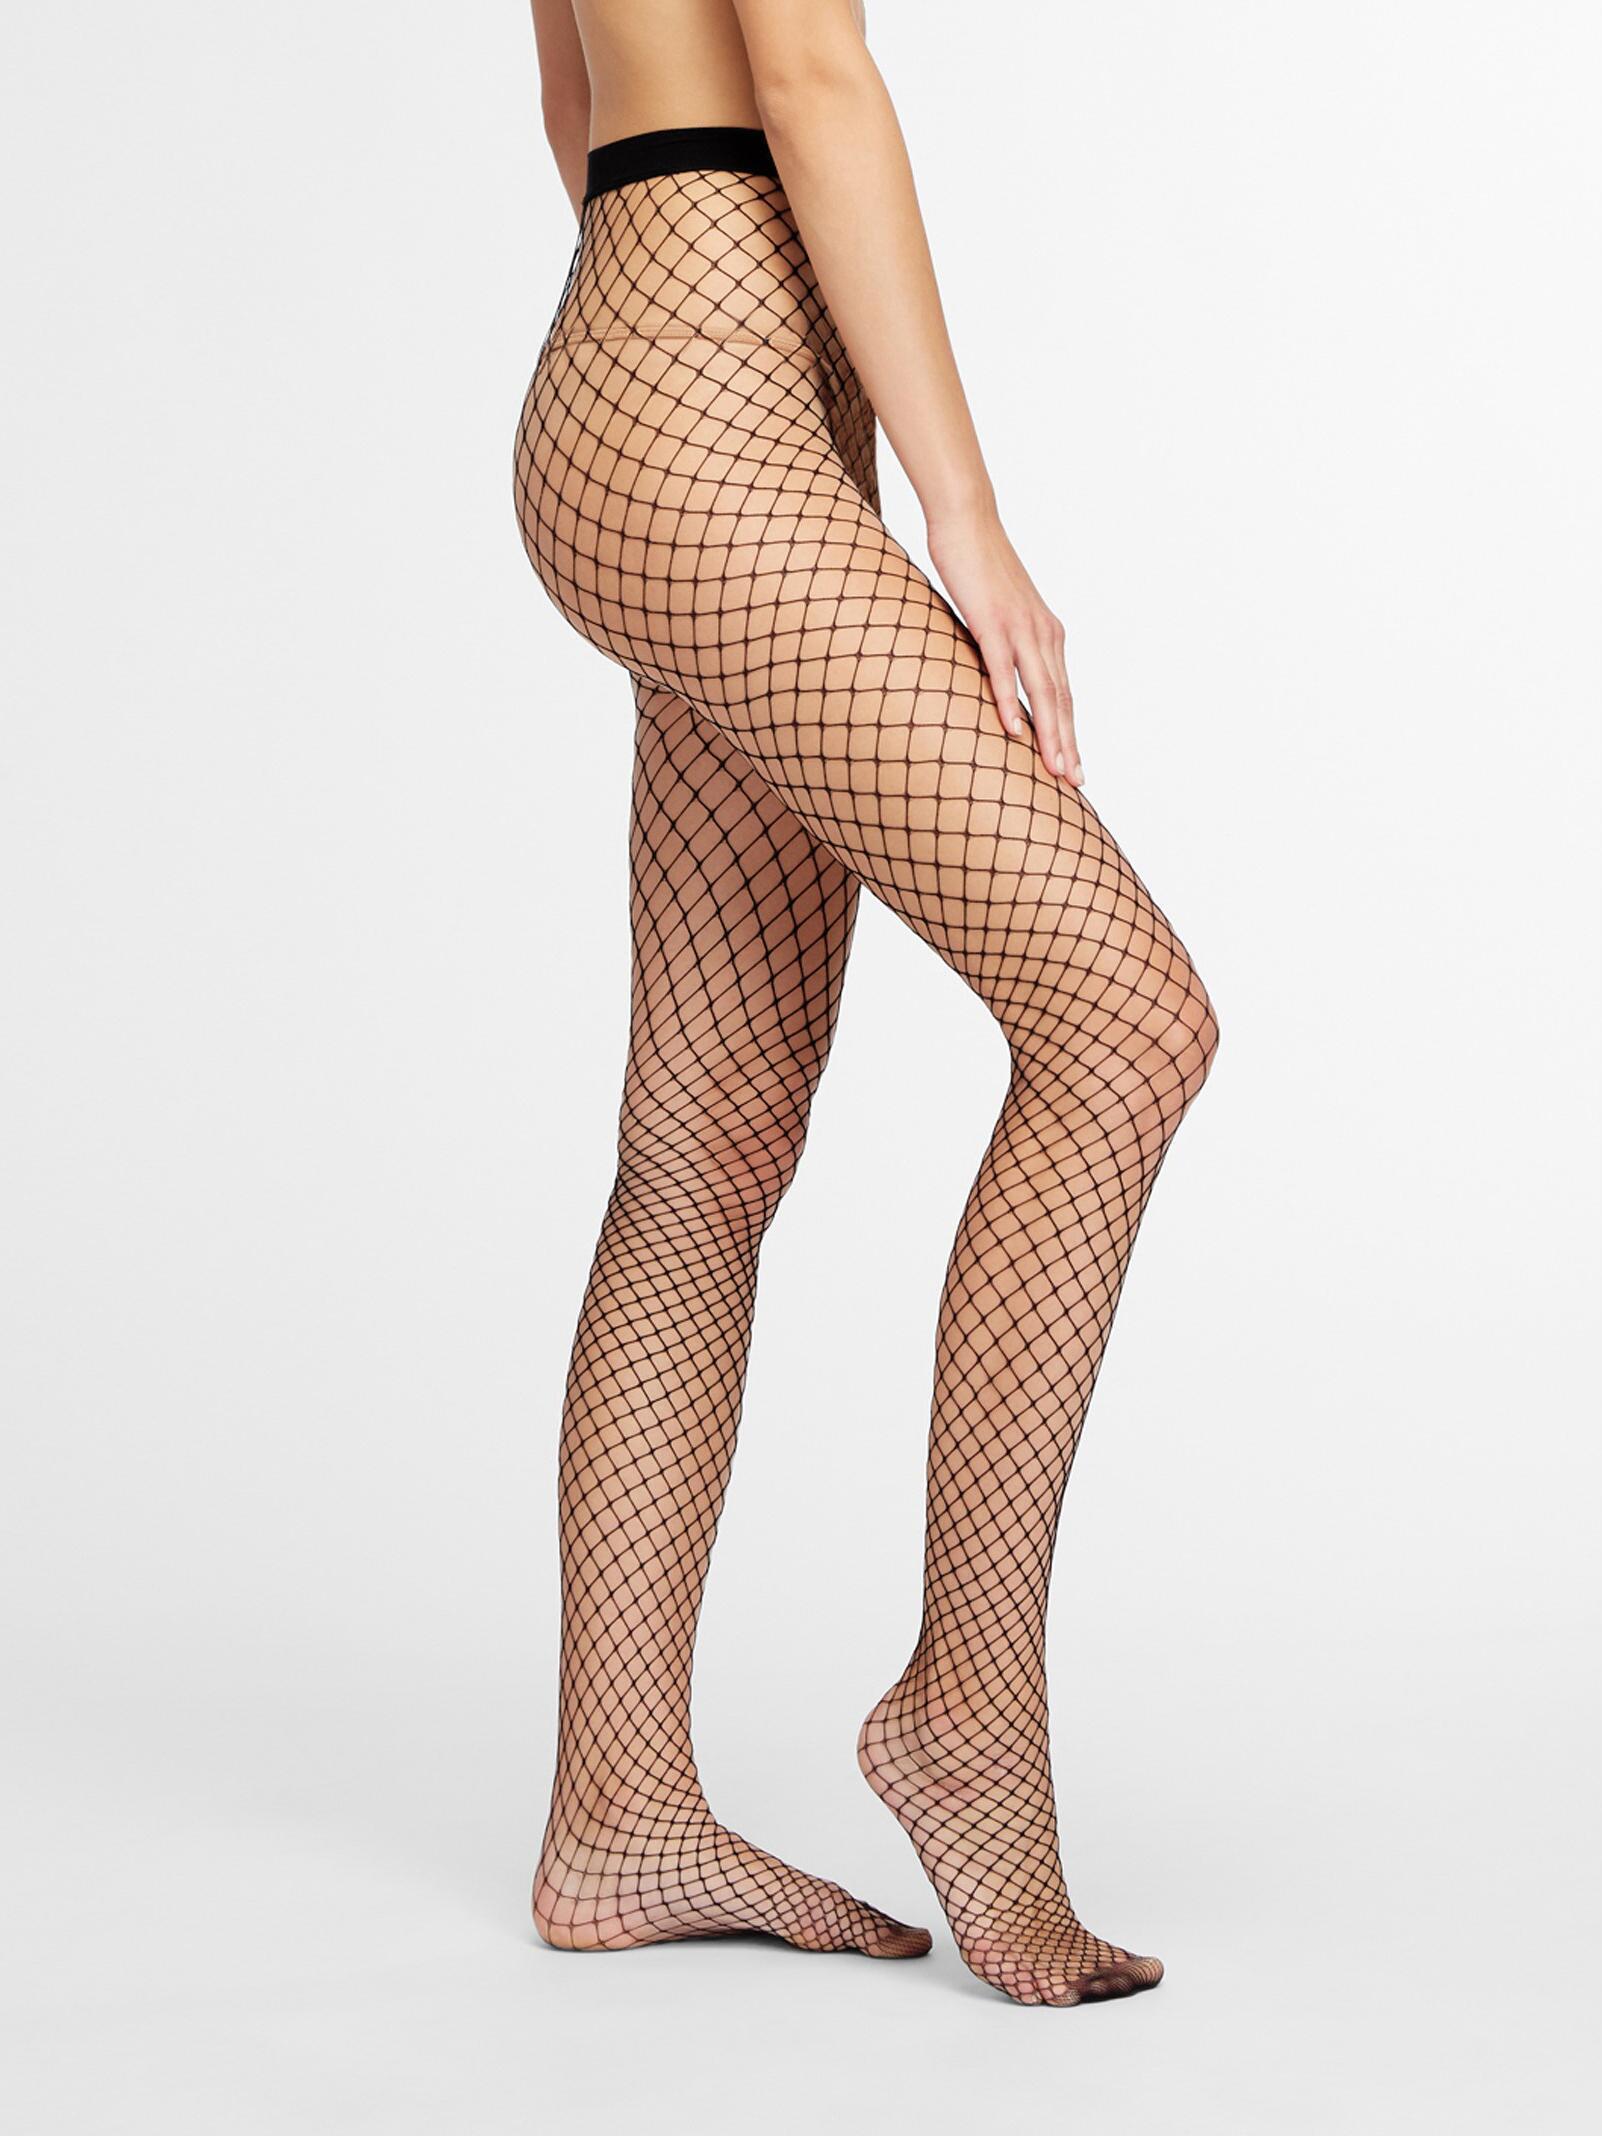 DKNY Women/'s Softest Fishnet Tight Black